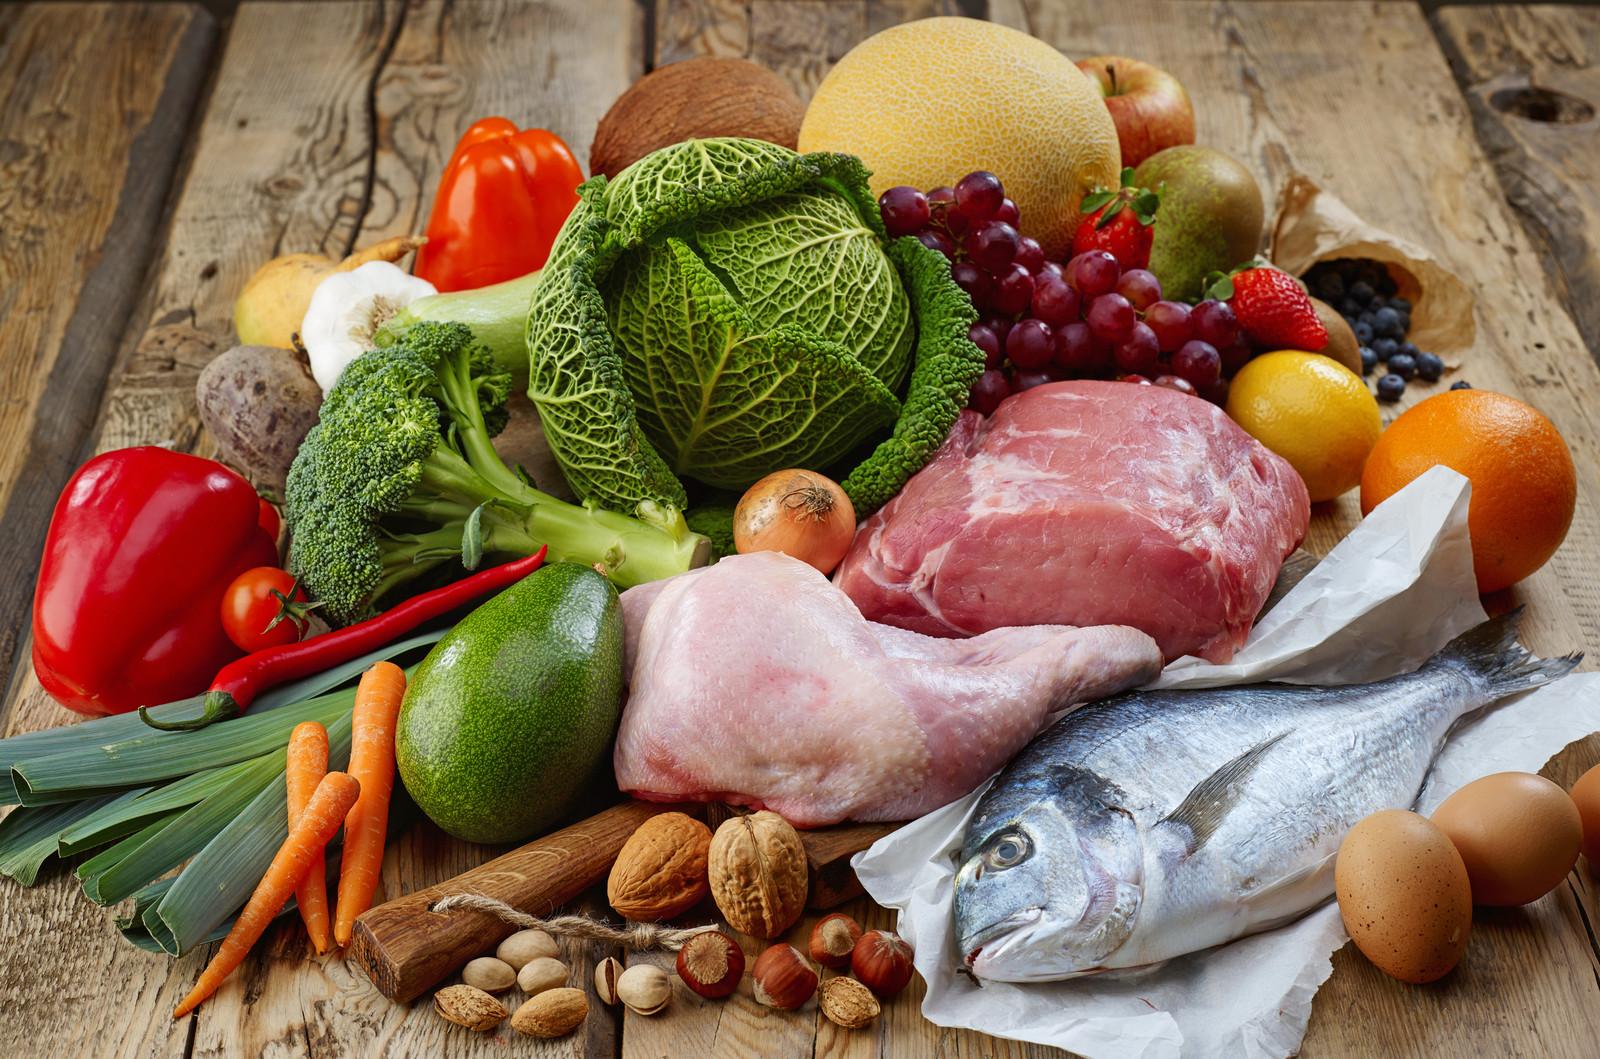 paleo_diet_foods